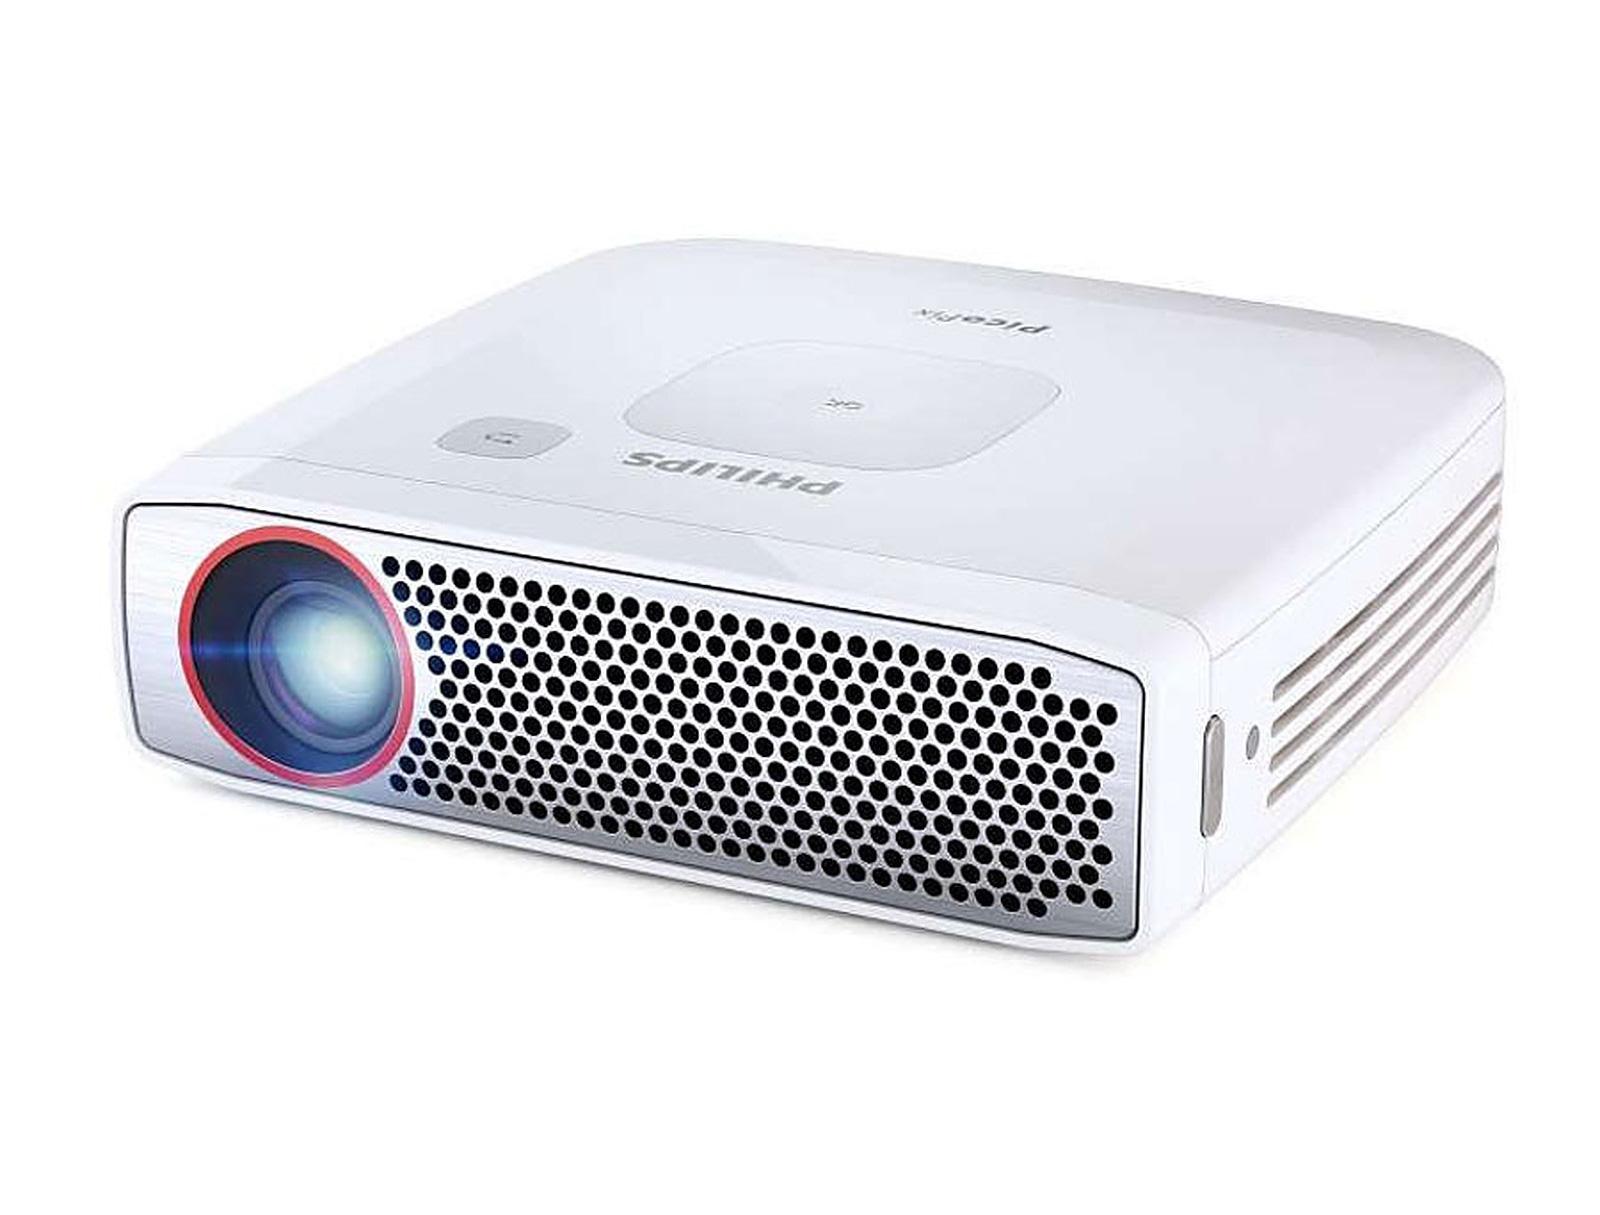 Videoprojecteur Avec Tuner Tv meilleur videoprojecteur - comparatif 2020 | clubic